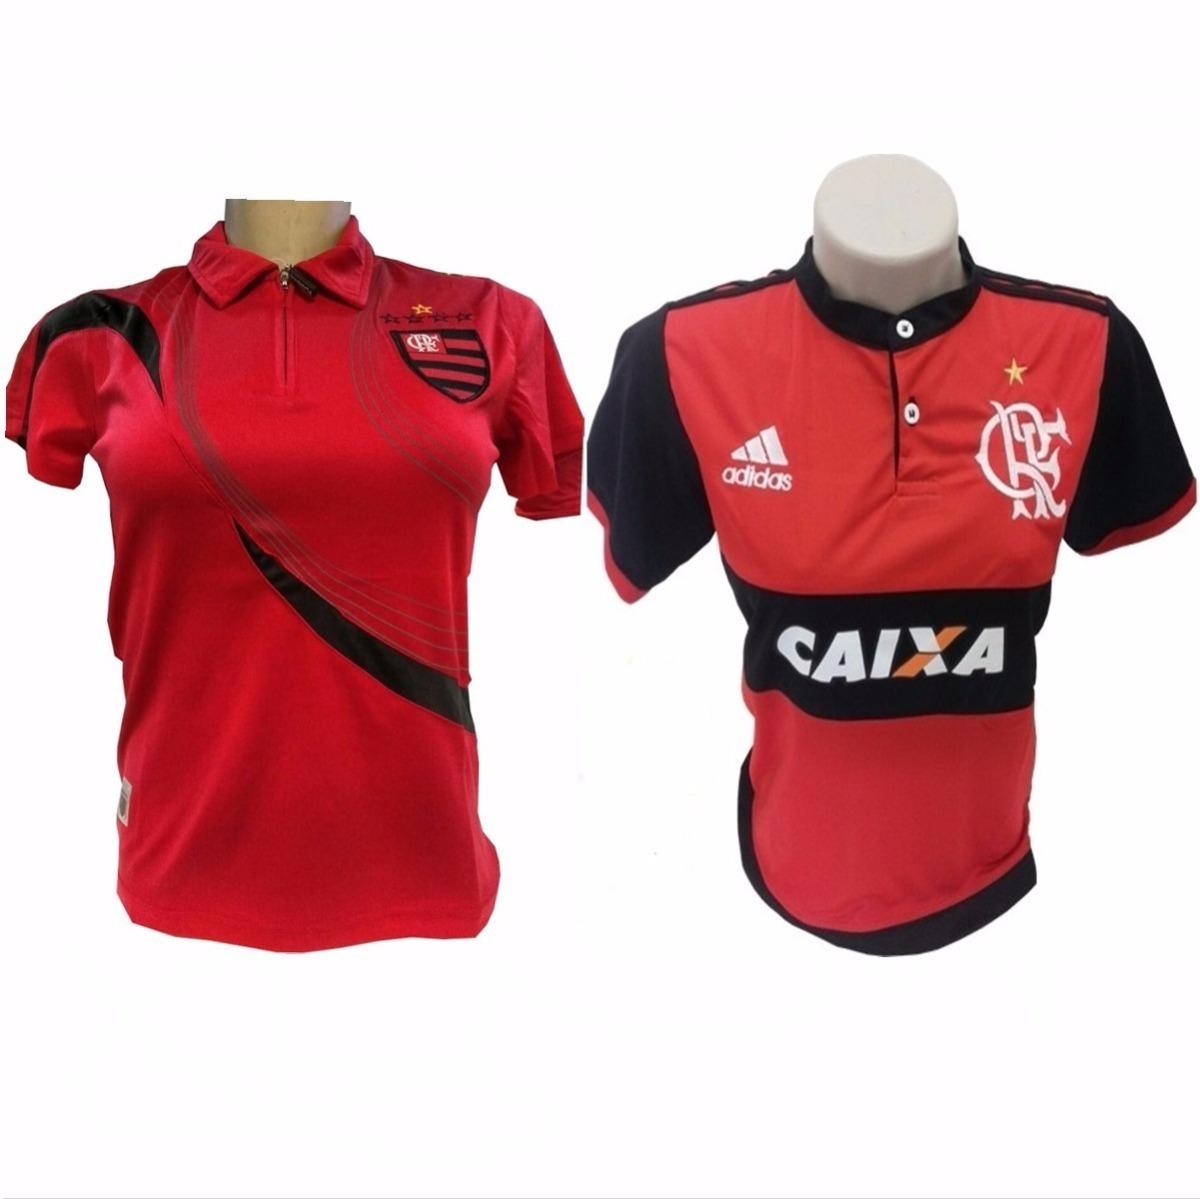 cebc21db15 2 camisa feminina do flamengo polo baby look preta vermelha. Carregando  zoom.